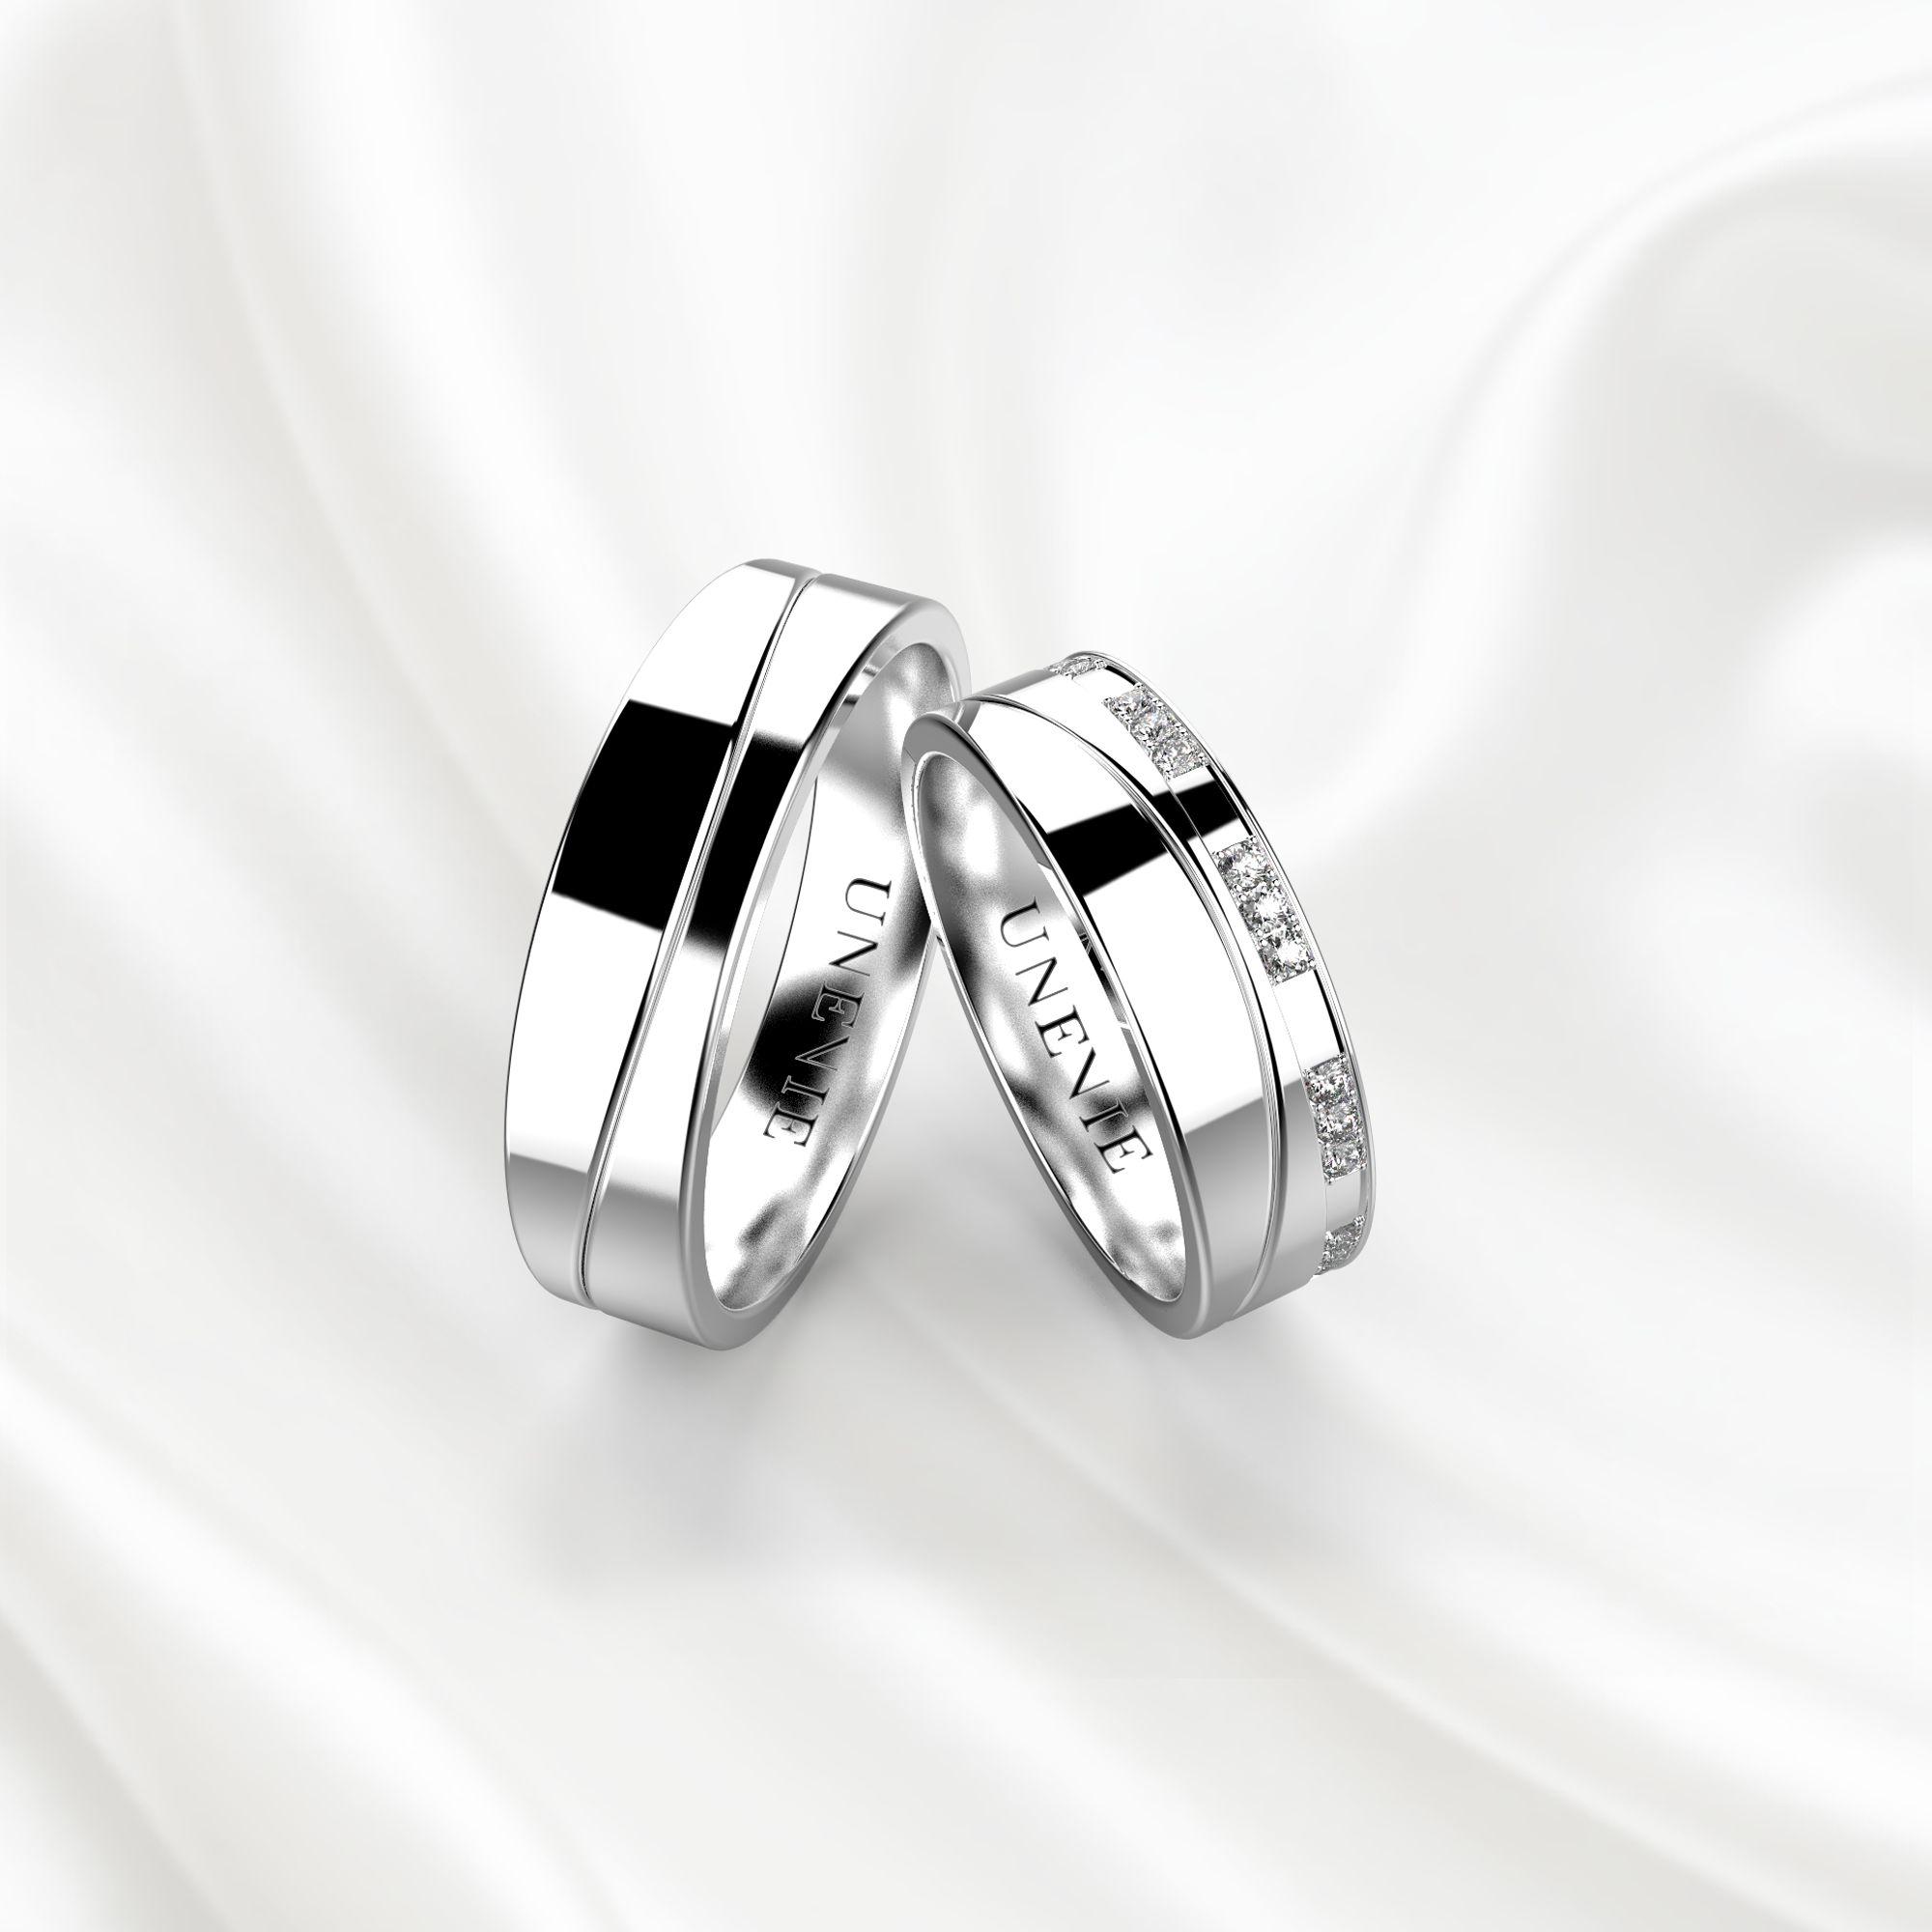 NV4 Обручальные кольца из белого золота